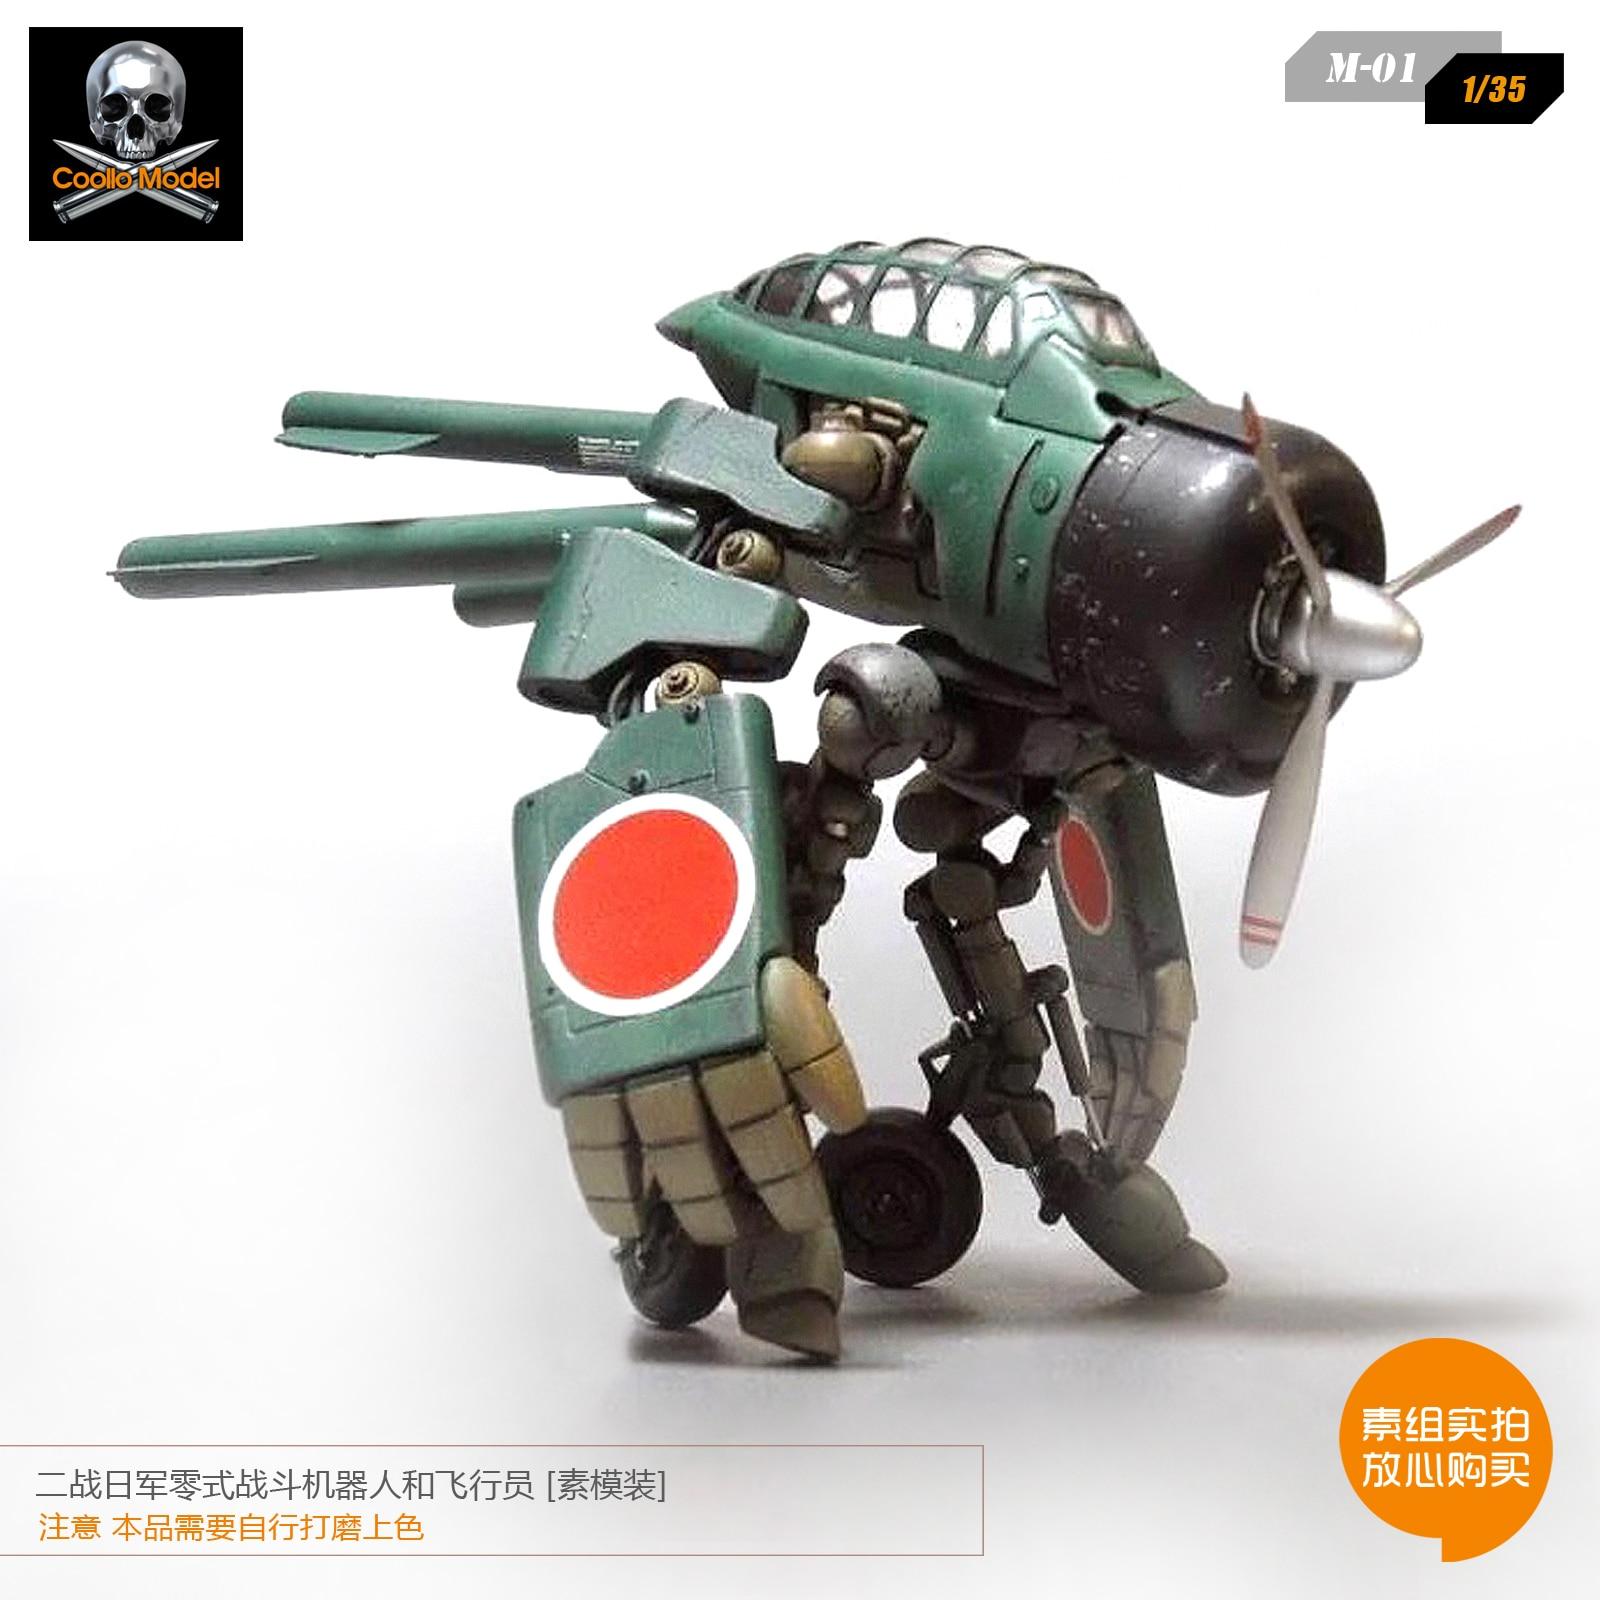 1/35 Guerra Mondiale II Zero Combattimento Robot Modello di Aeromobili e Pilota Della Resina Modello M 01 Smontato-in Kit di modellismo da Giocattoli e hobby su  Gruppo 3